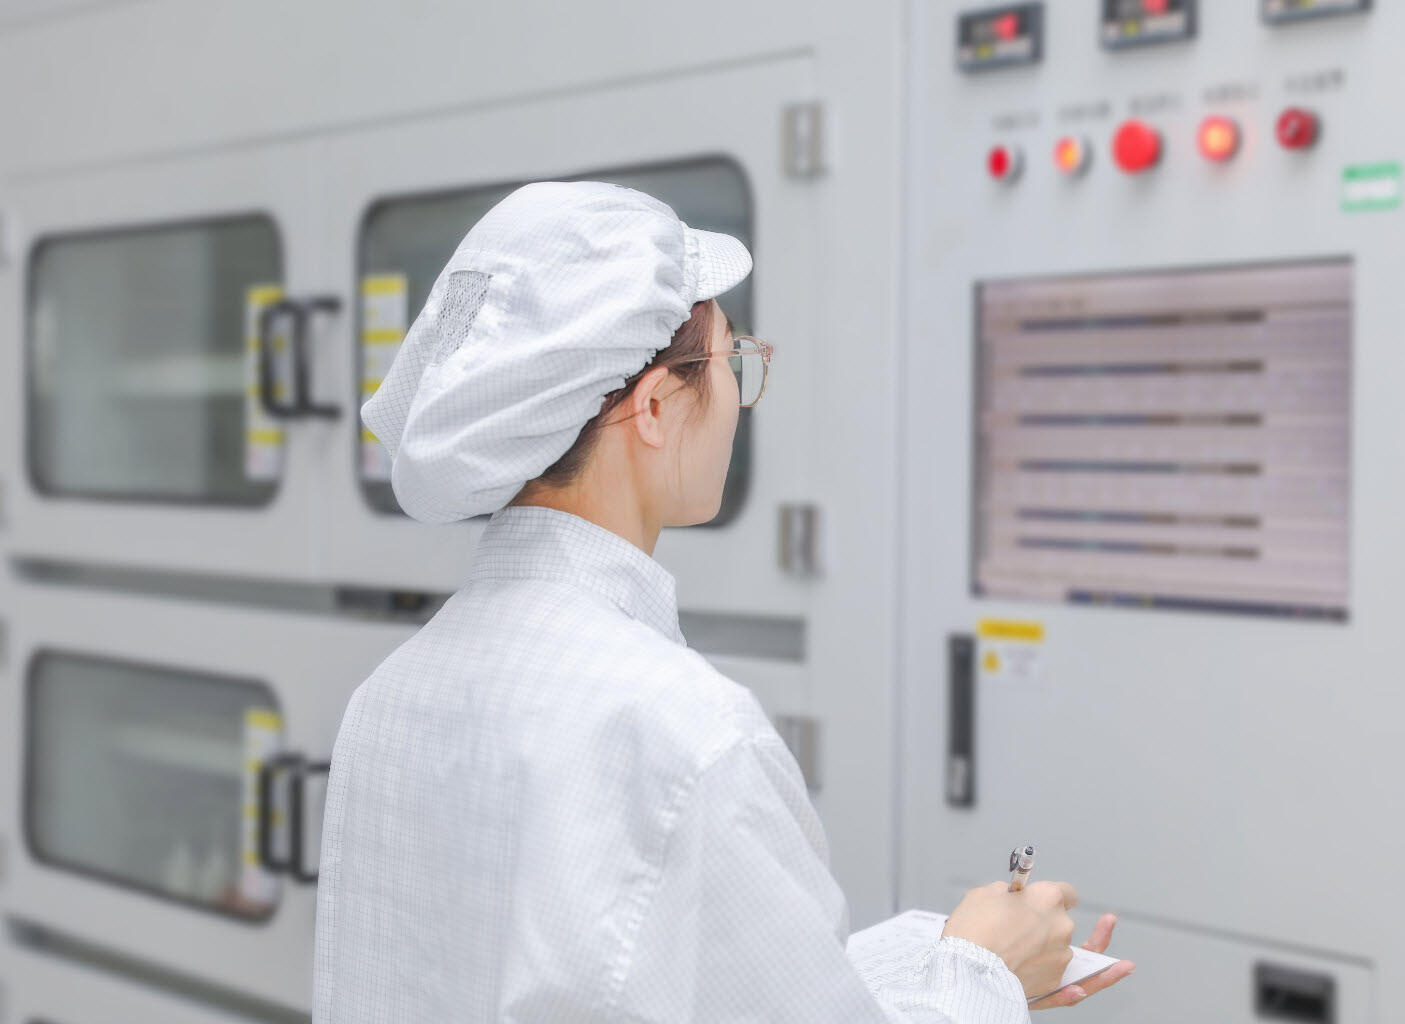 2017'den bu yana 1650 ton elektronik atık geri dönüştürüldü